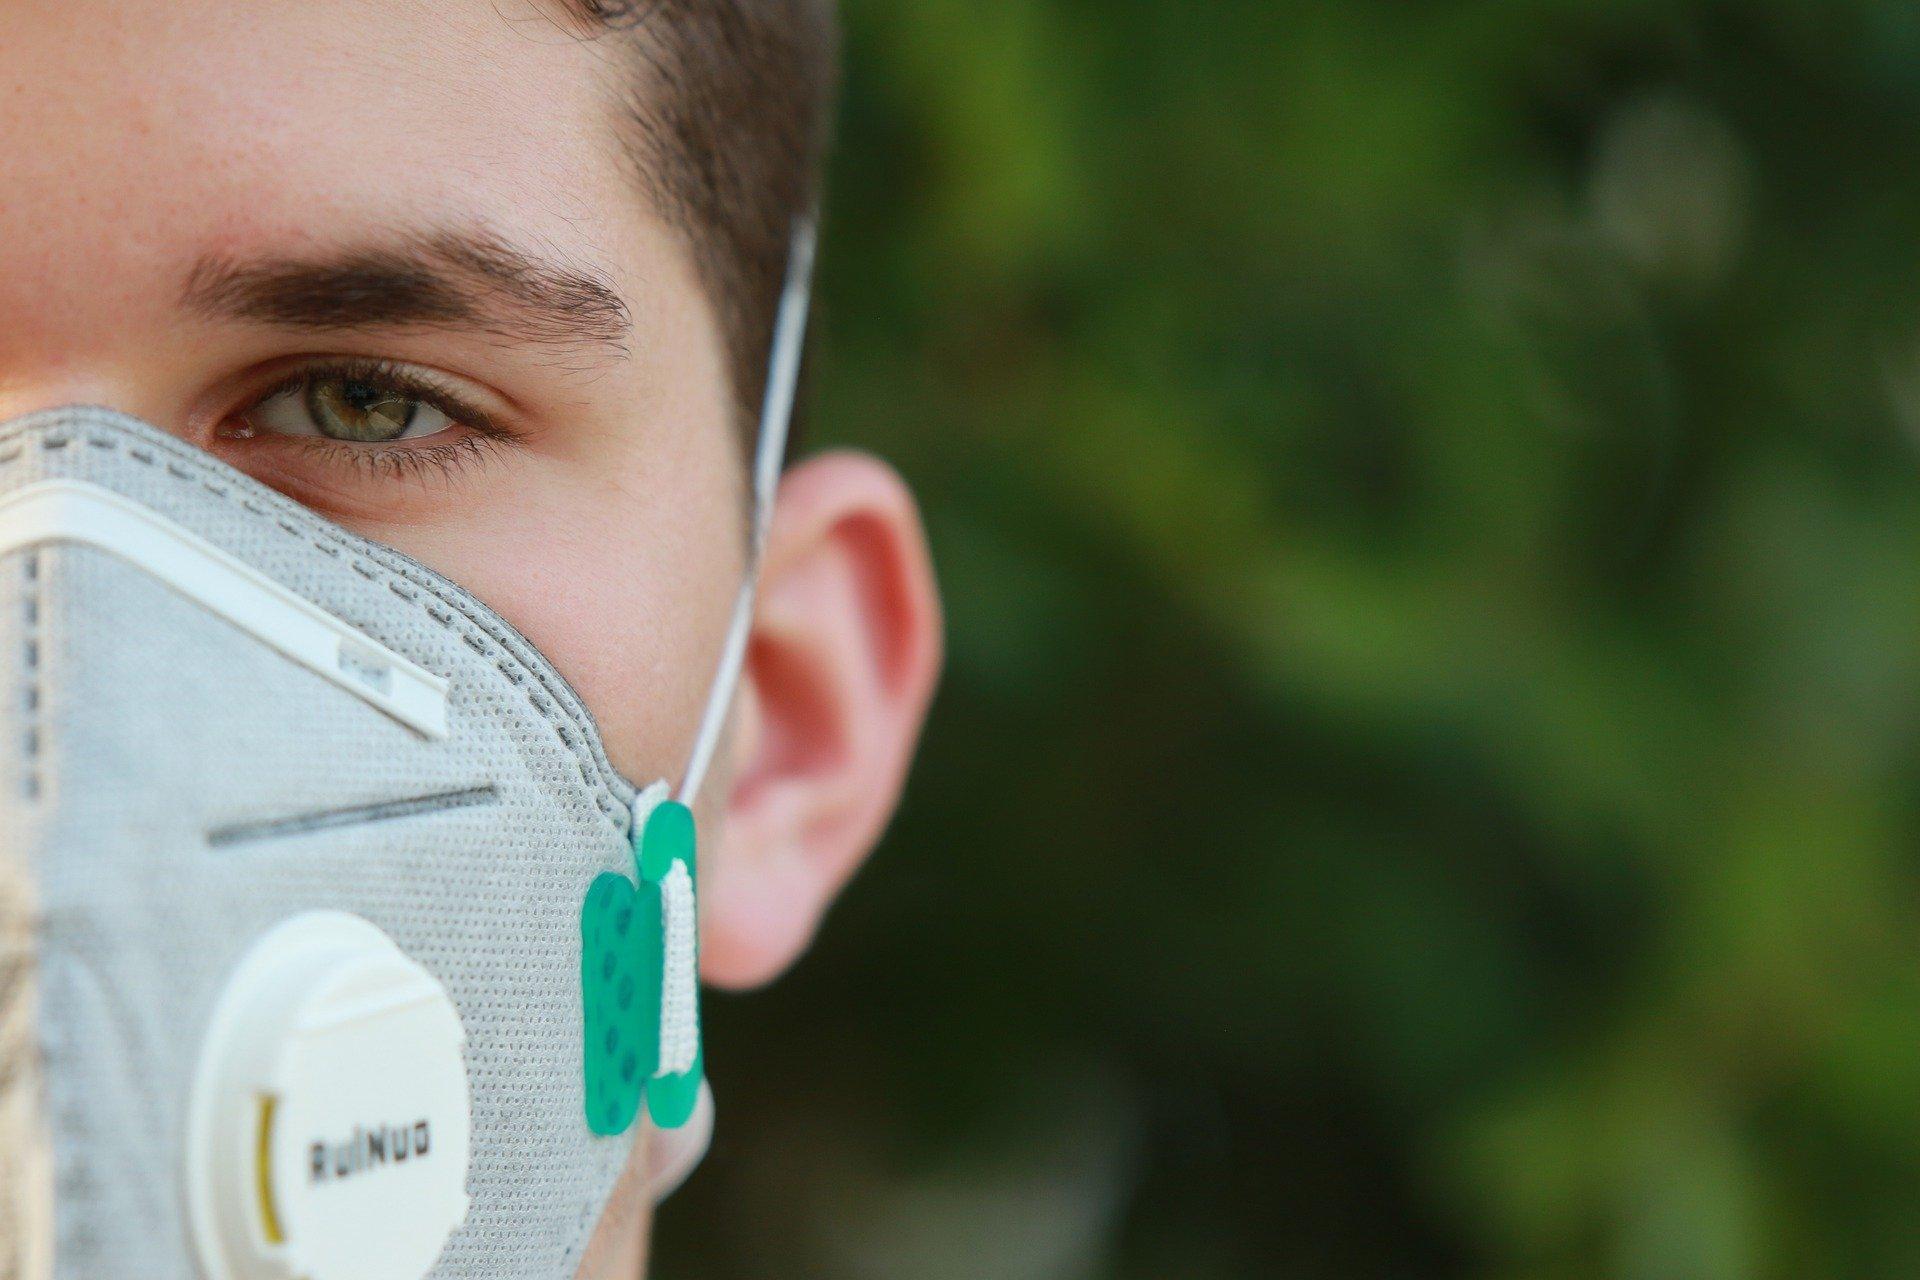 Coronakrise: Was denken Schüler über das Virus?